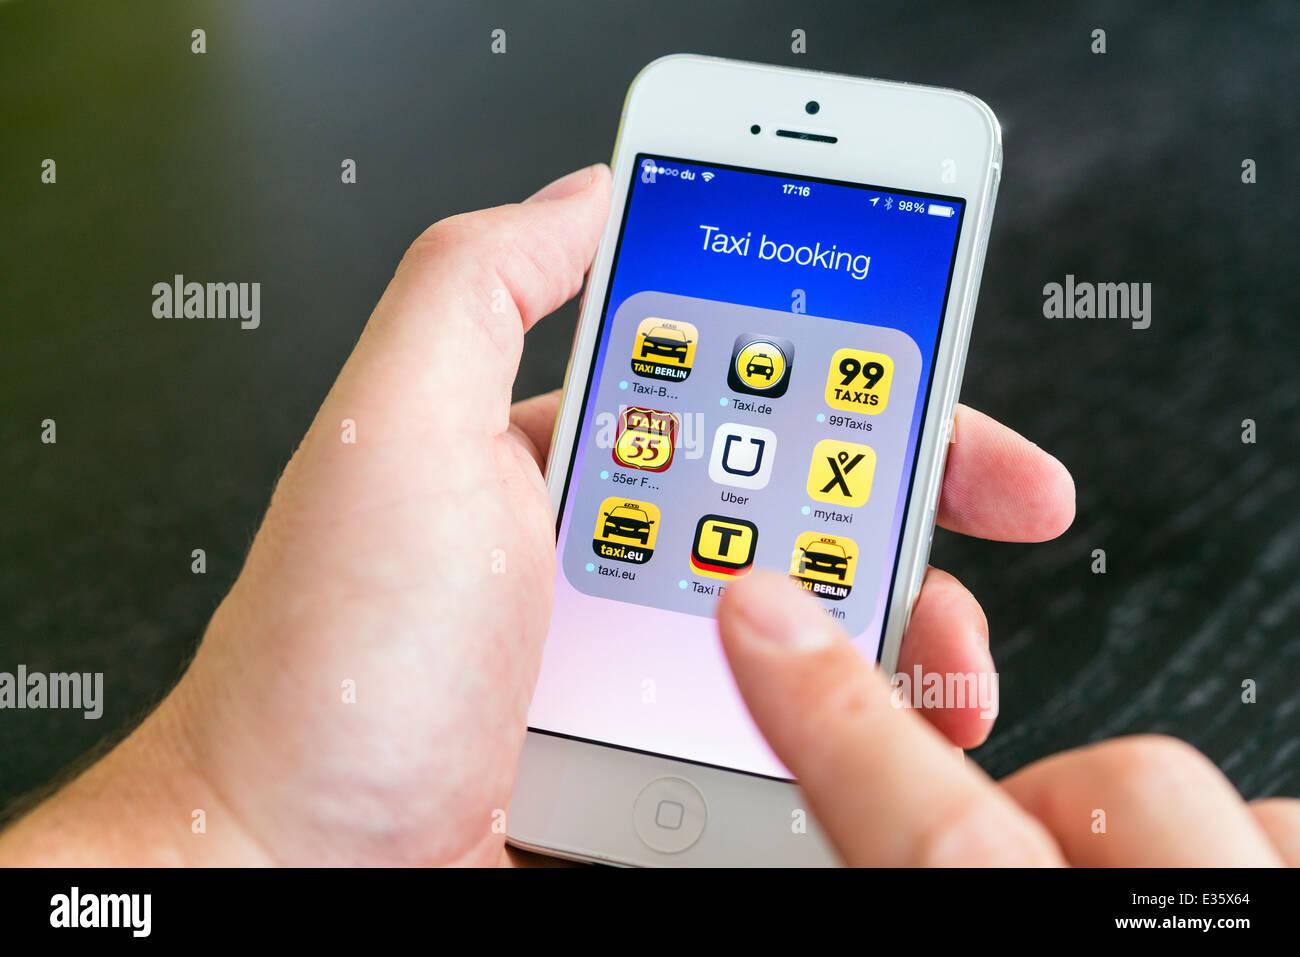 Dettaglio della schermata di iPhone con molte applicazioni mobile per la prenotazione di taxi Immagini Stock